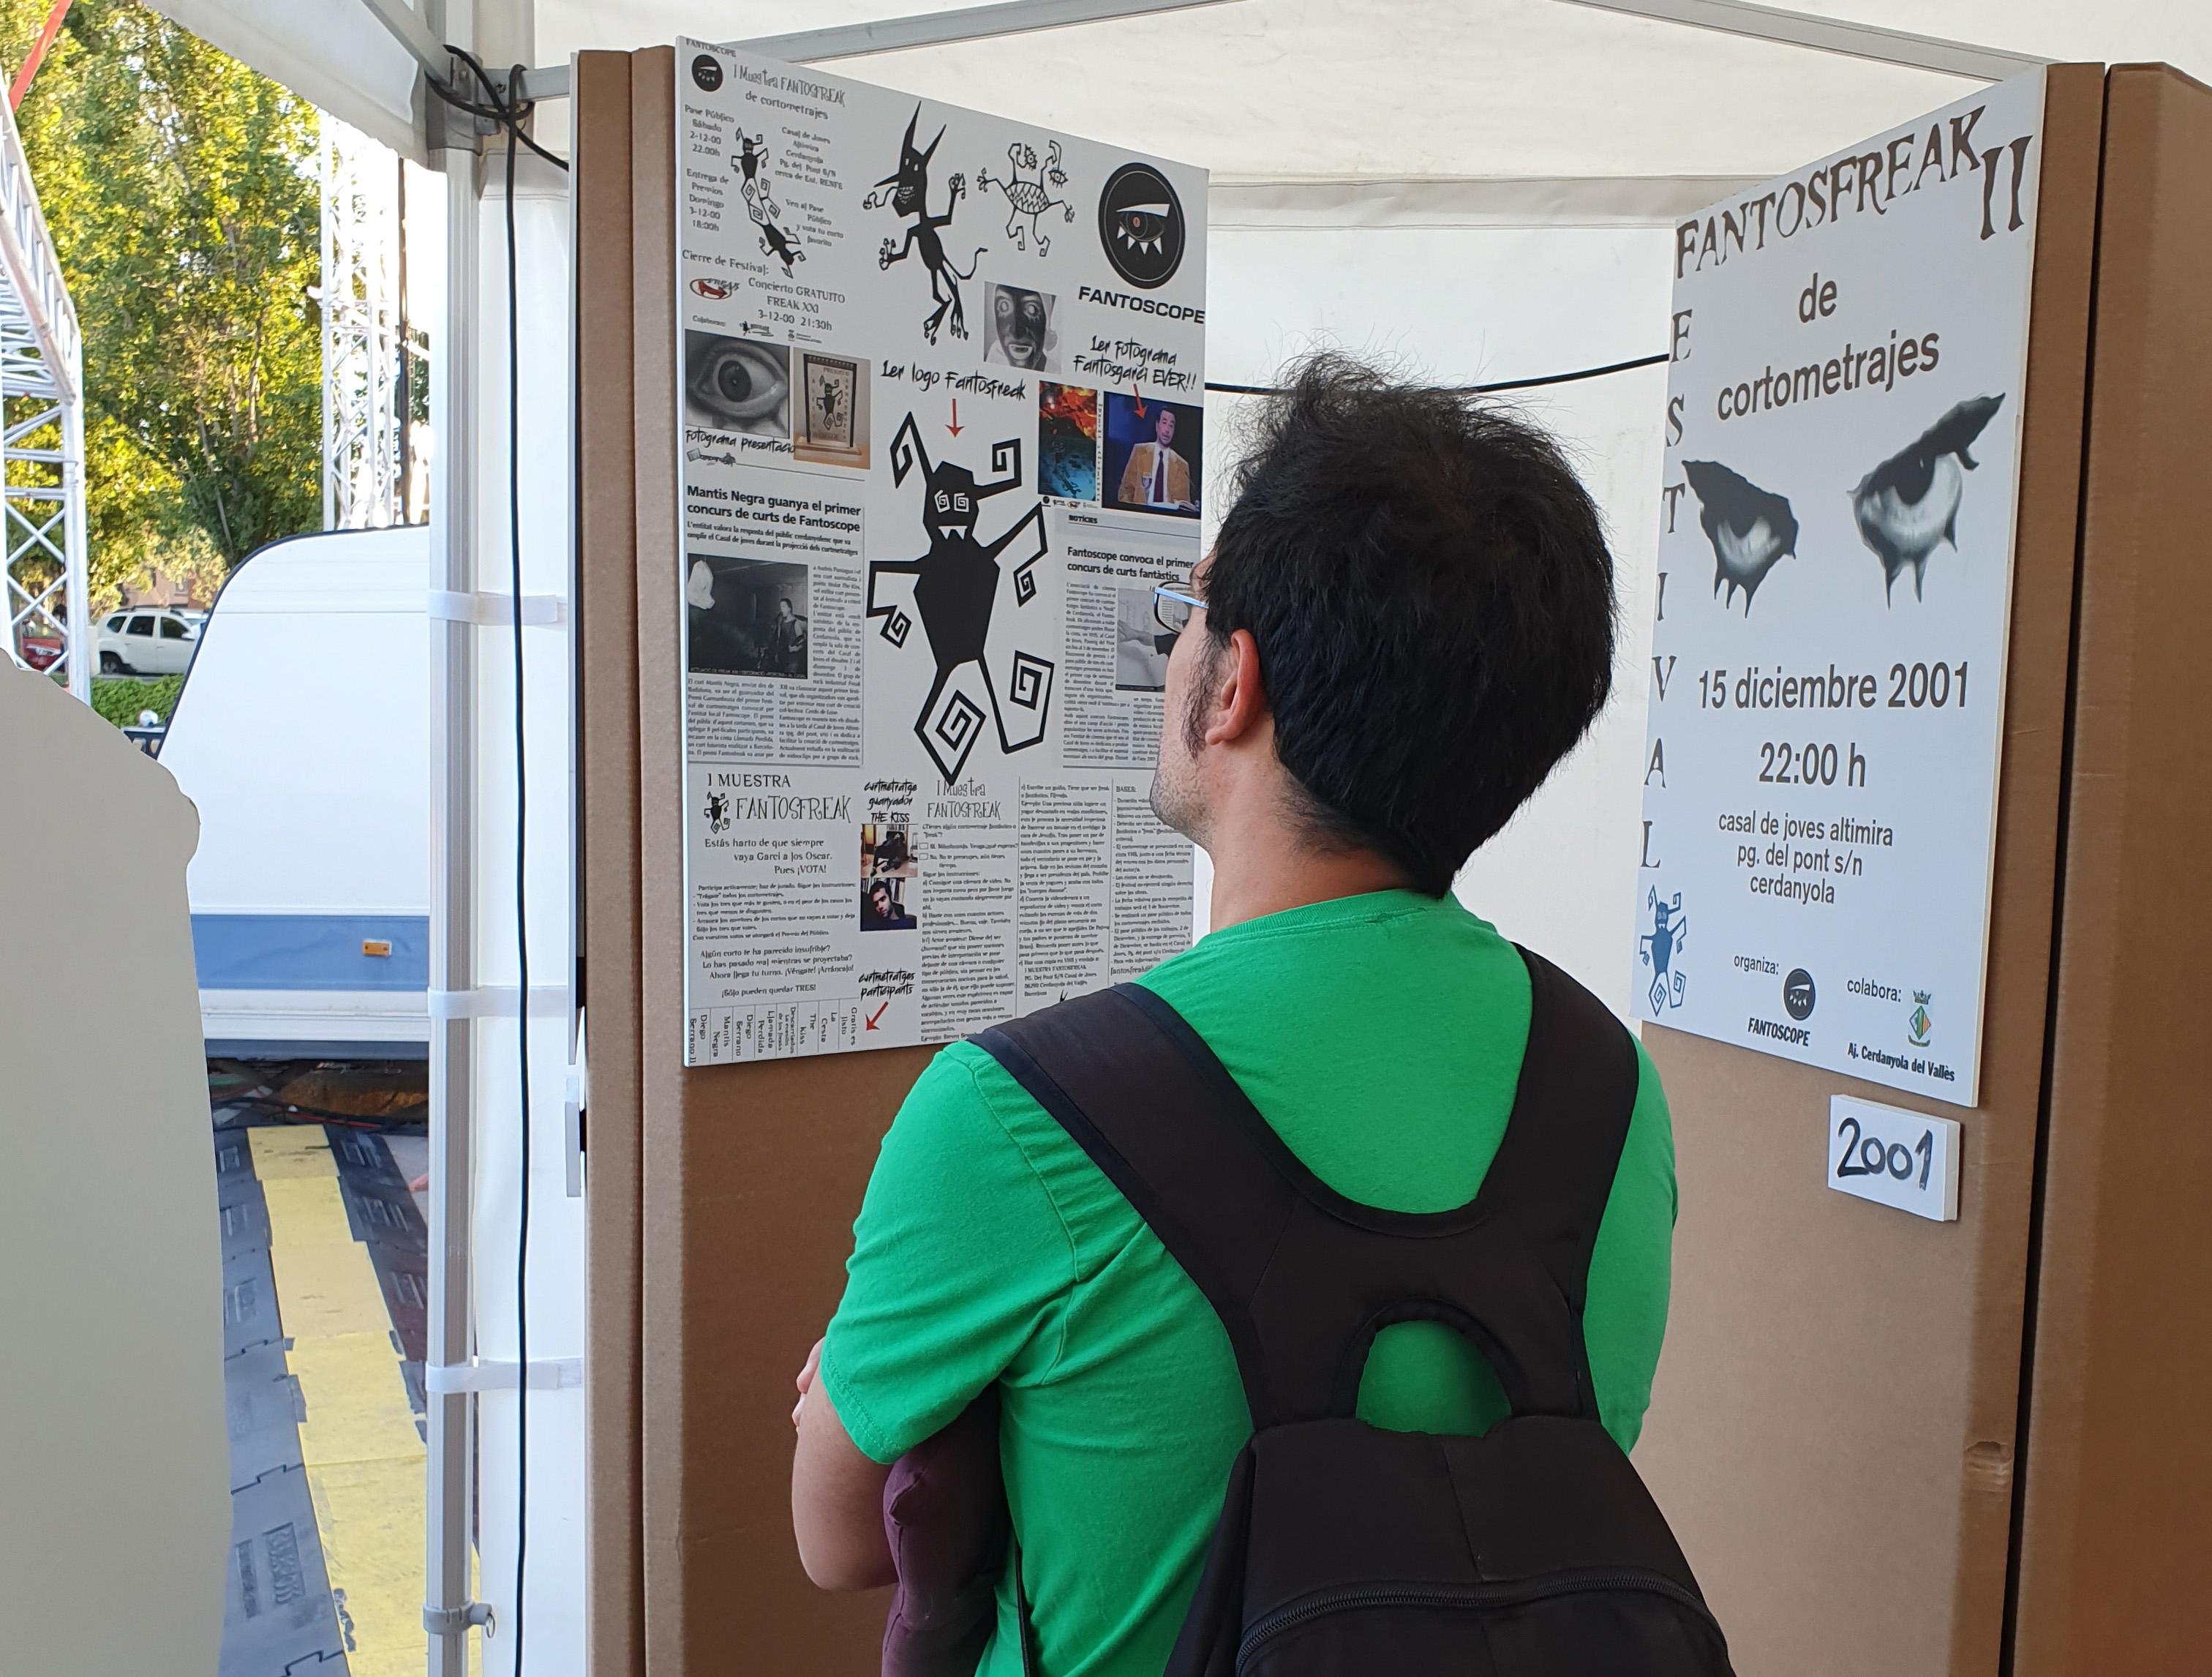 L'exposició es va poder visitar durant la darrera edició del Festival Fantosfreak